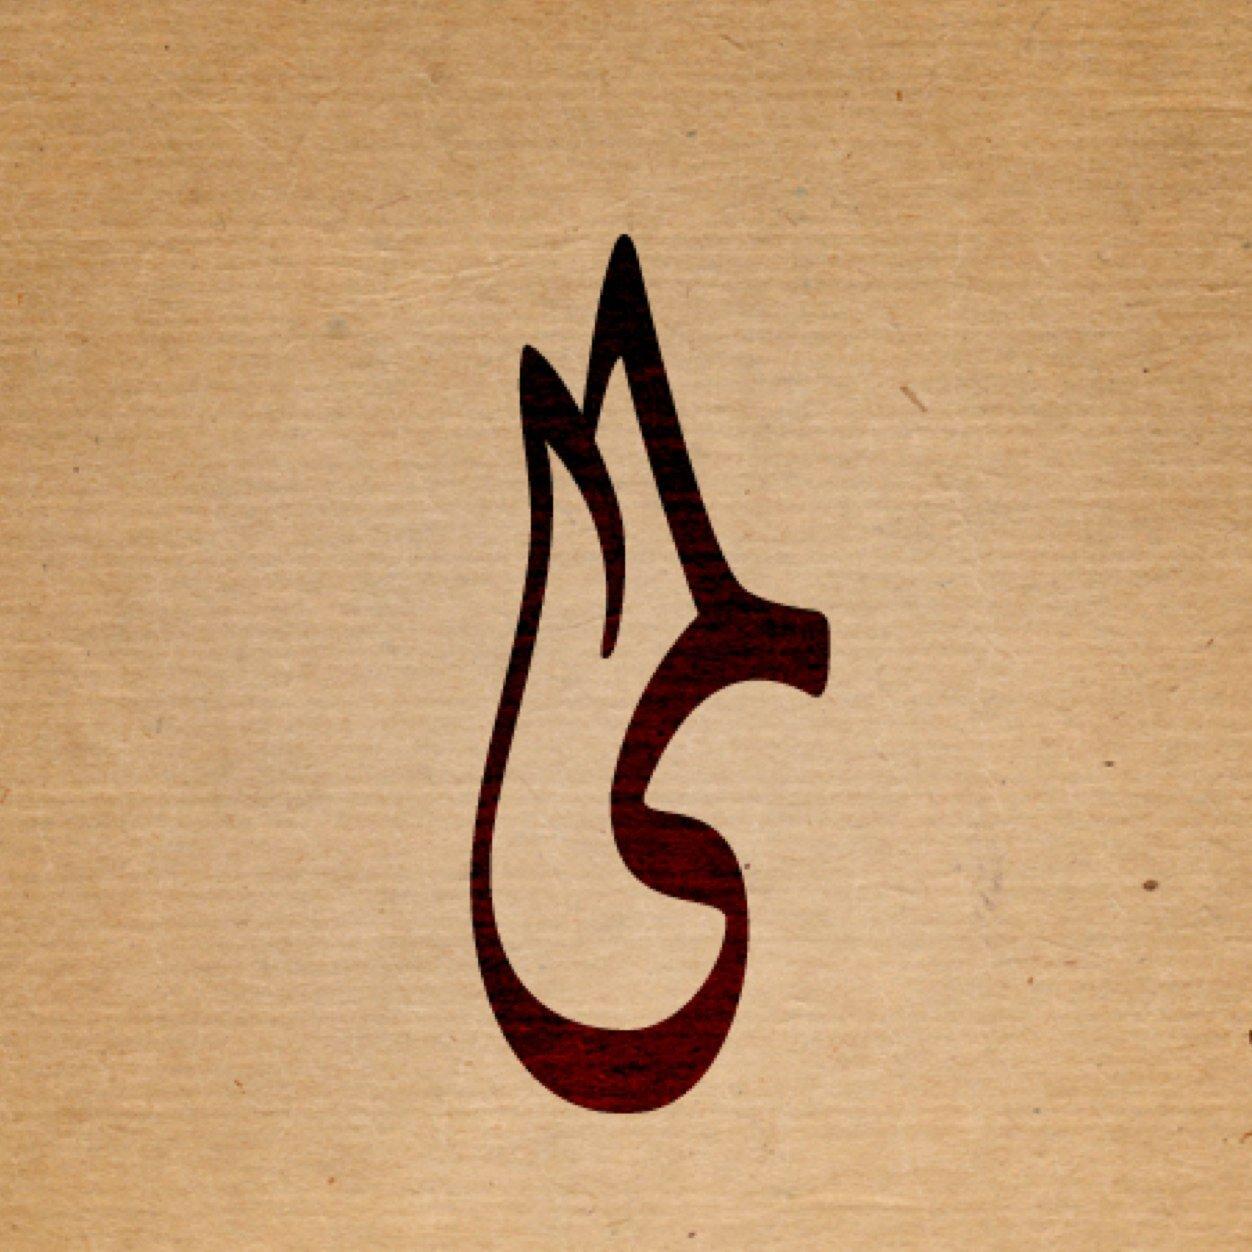 صورة ما معنى اسم لمى , تعرف علي المعني الحقيقي لاسم لمي